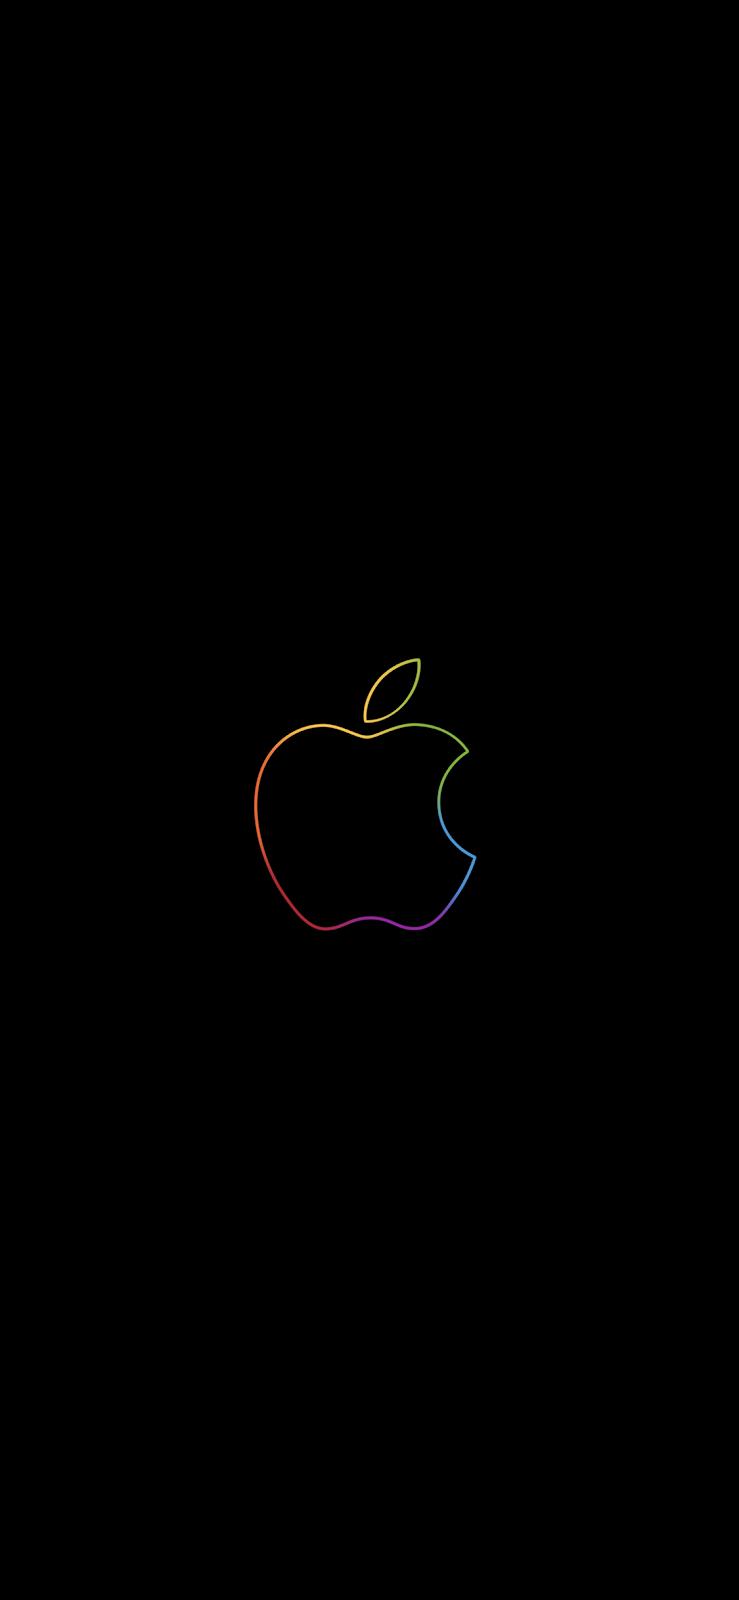 We Ll Be Right Back Apple Logo Wallpaper Apple Cellphonewallpapermusic Iphone Log Apple Logo Wallpaper Iphone Iphone Wallpaper Logo Apple Logo Wallpaper